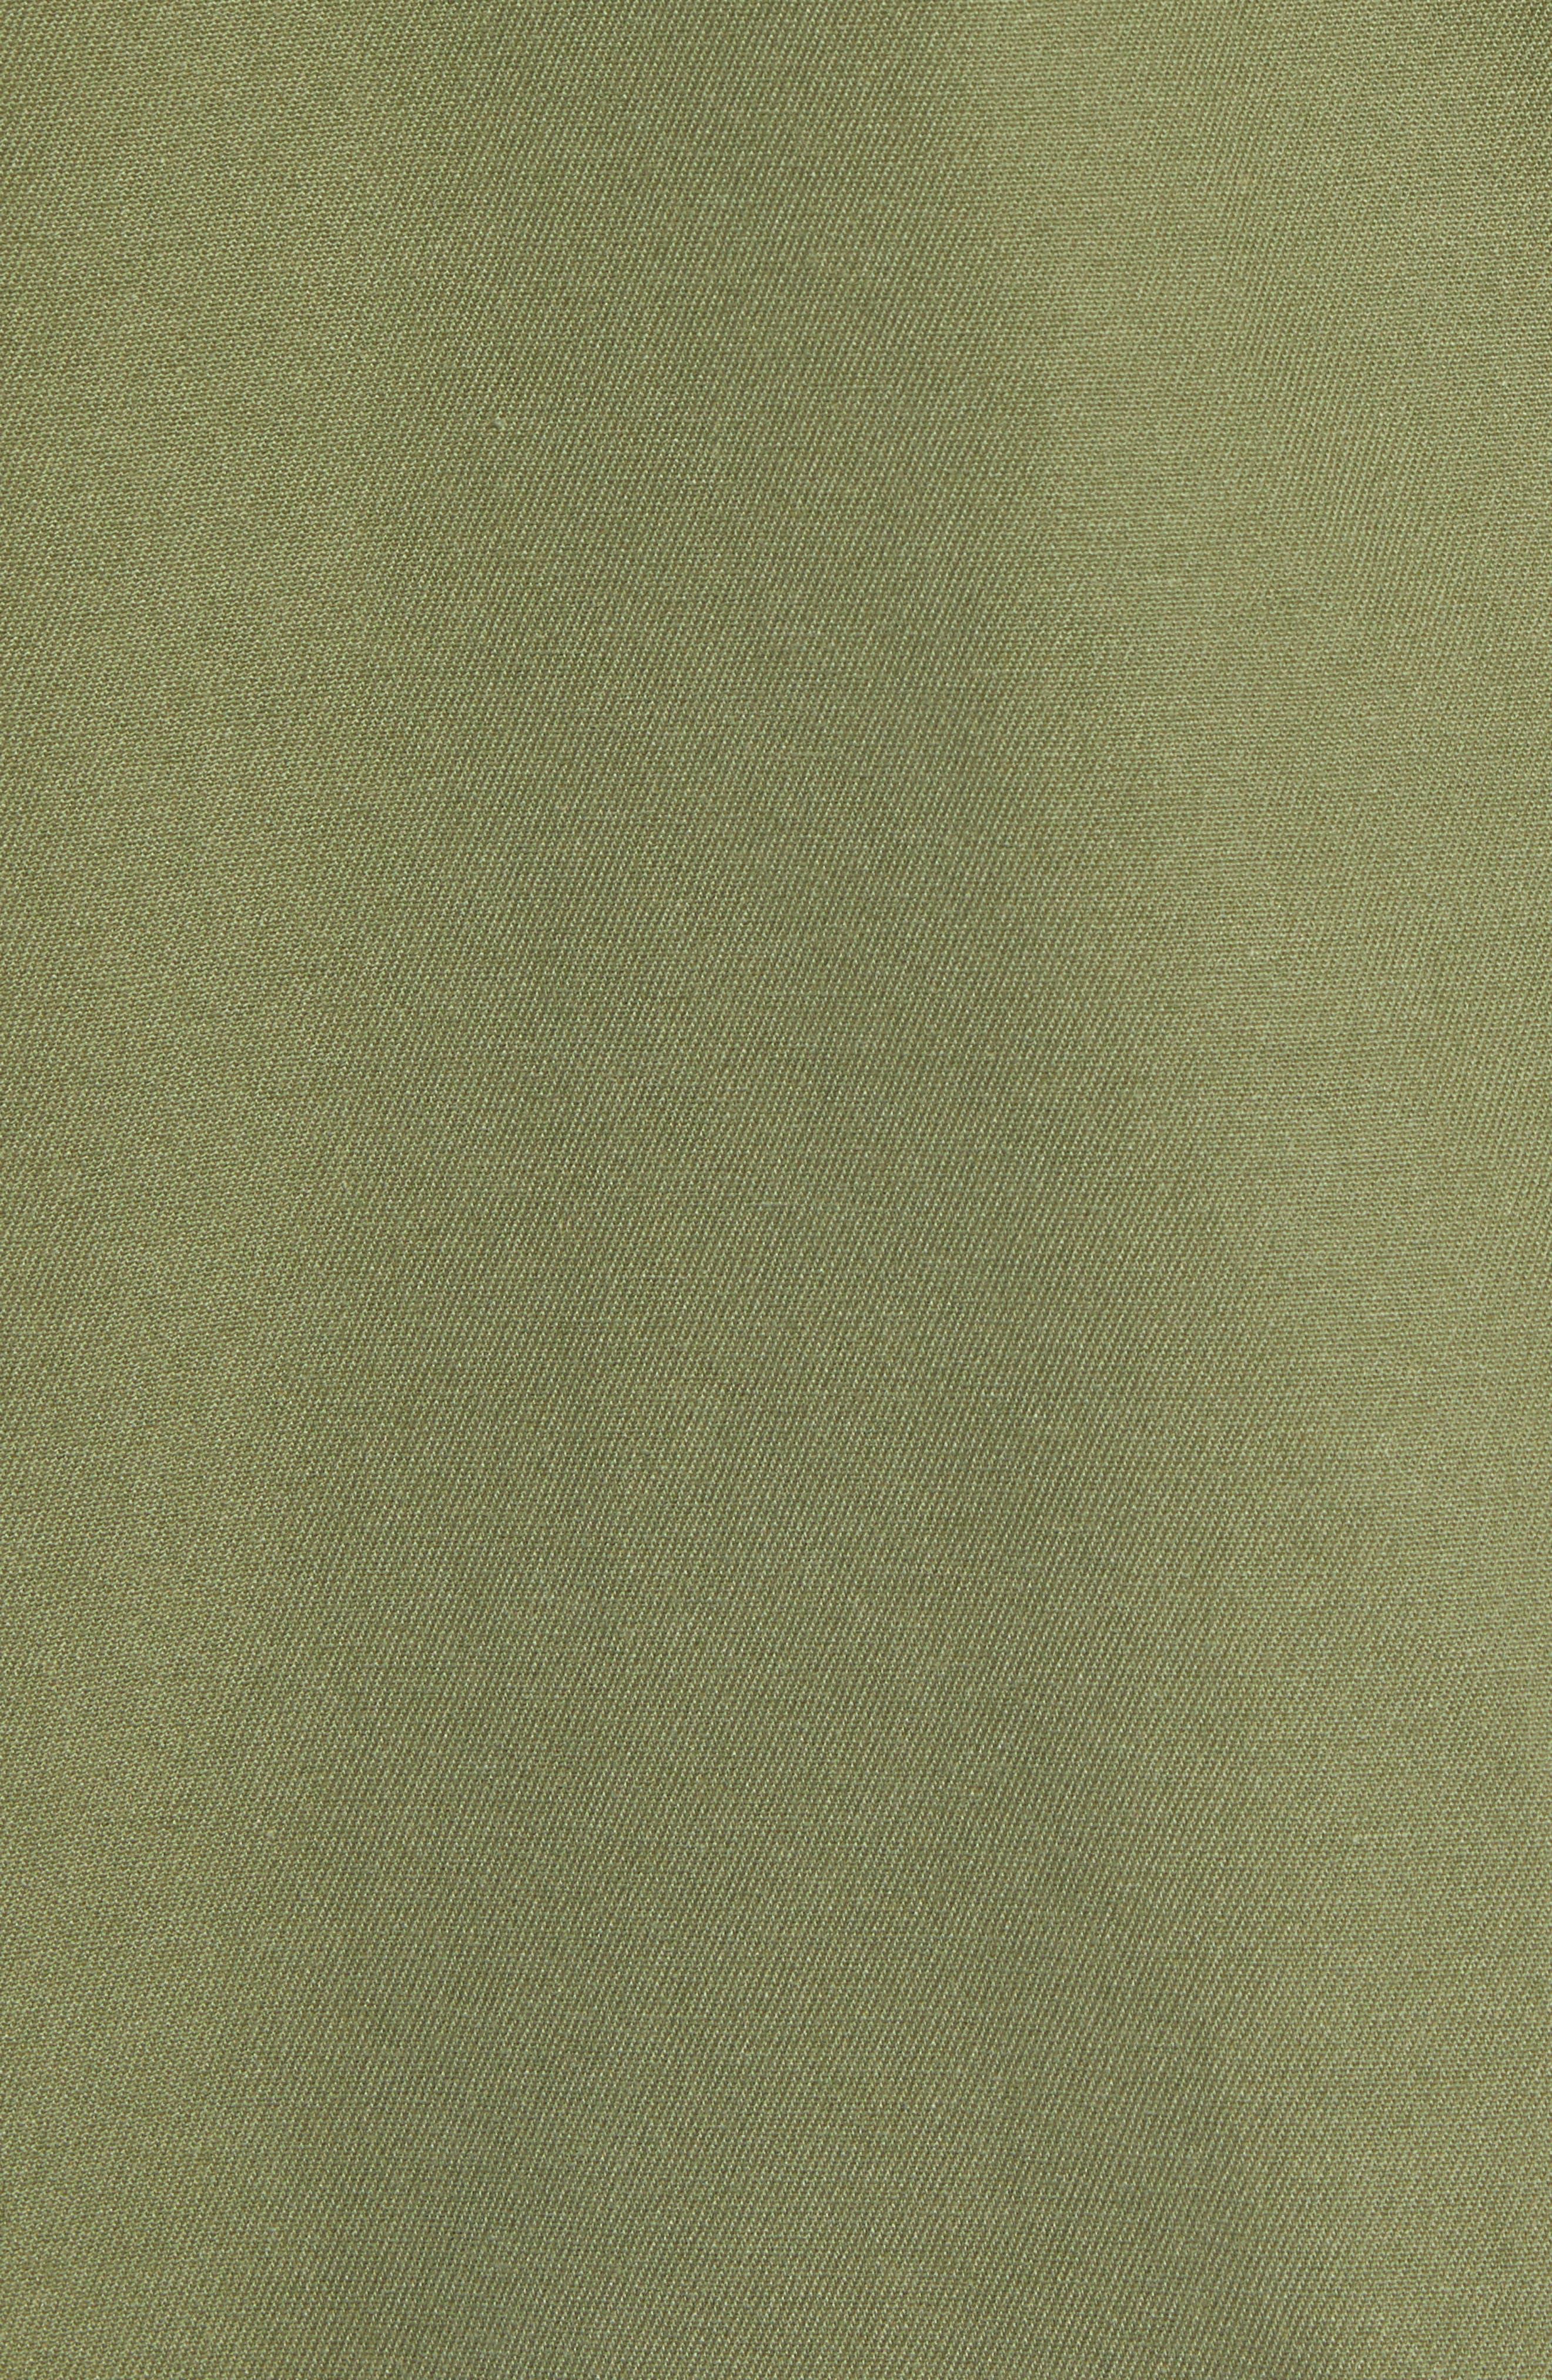 Station Shirt Jacket,                             Alternate thumbnail 6, color,                             BURNT OLIVE